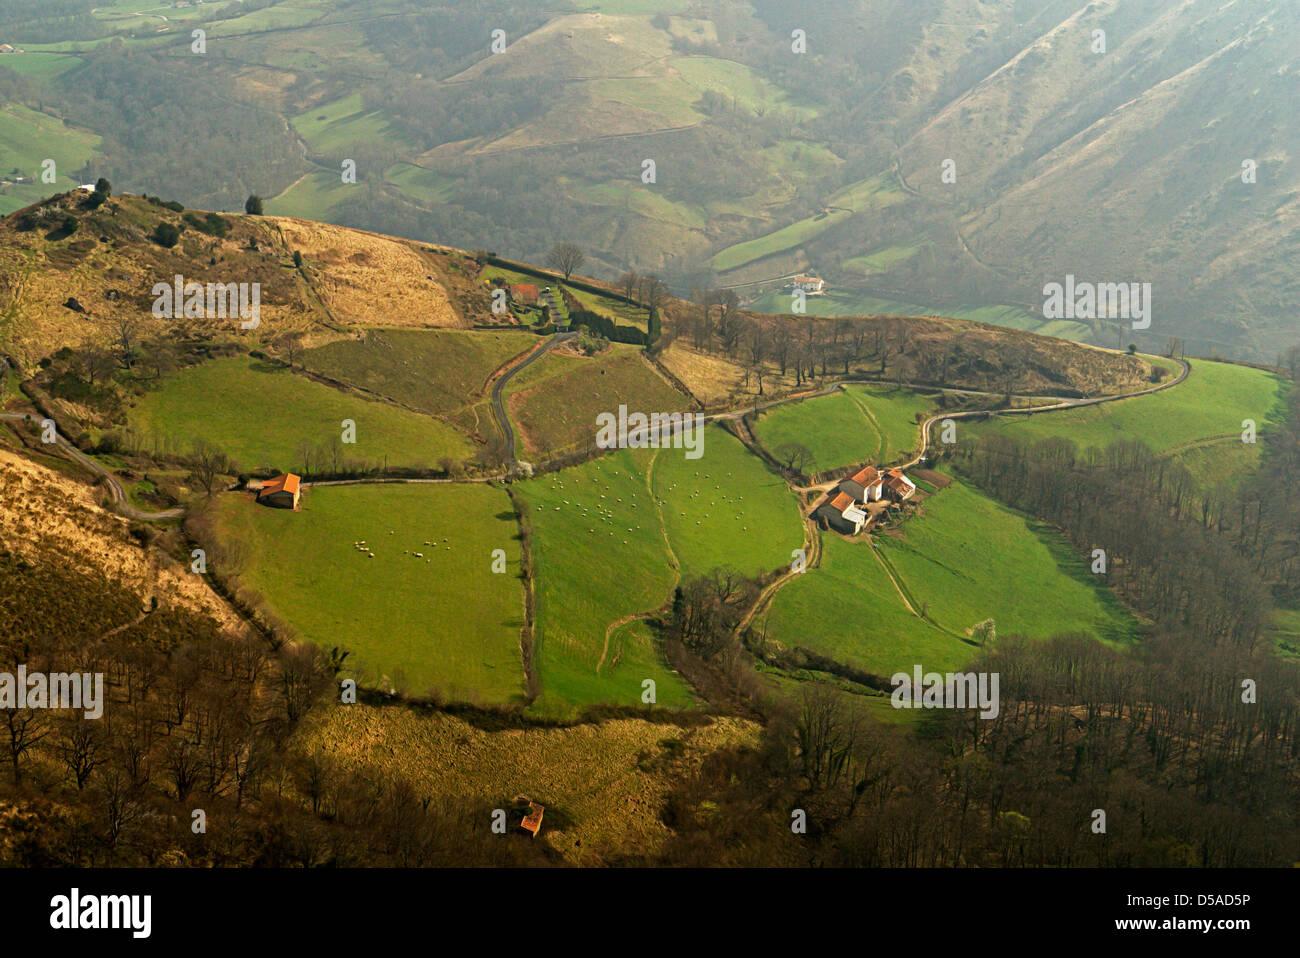 El Camino de Santiago De Compostela in  French Pyrenees - Stock Image